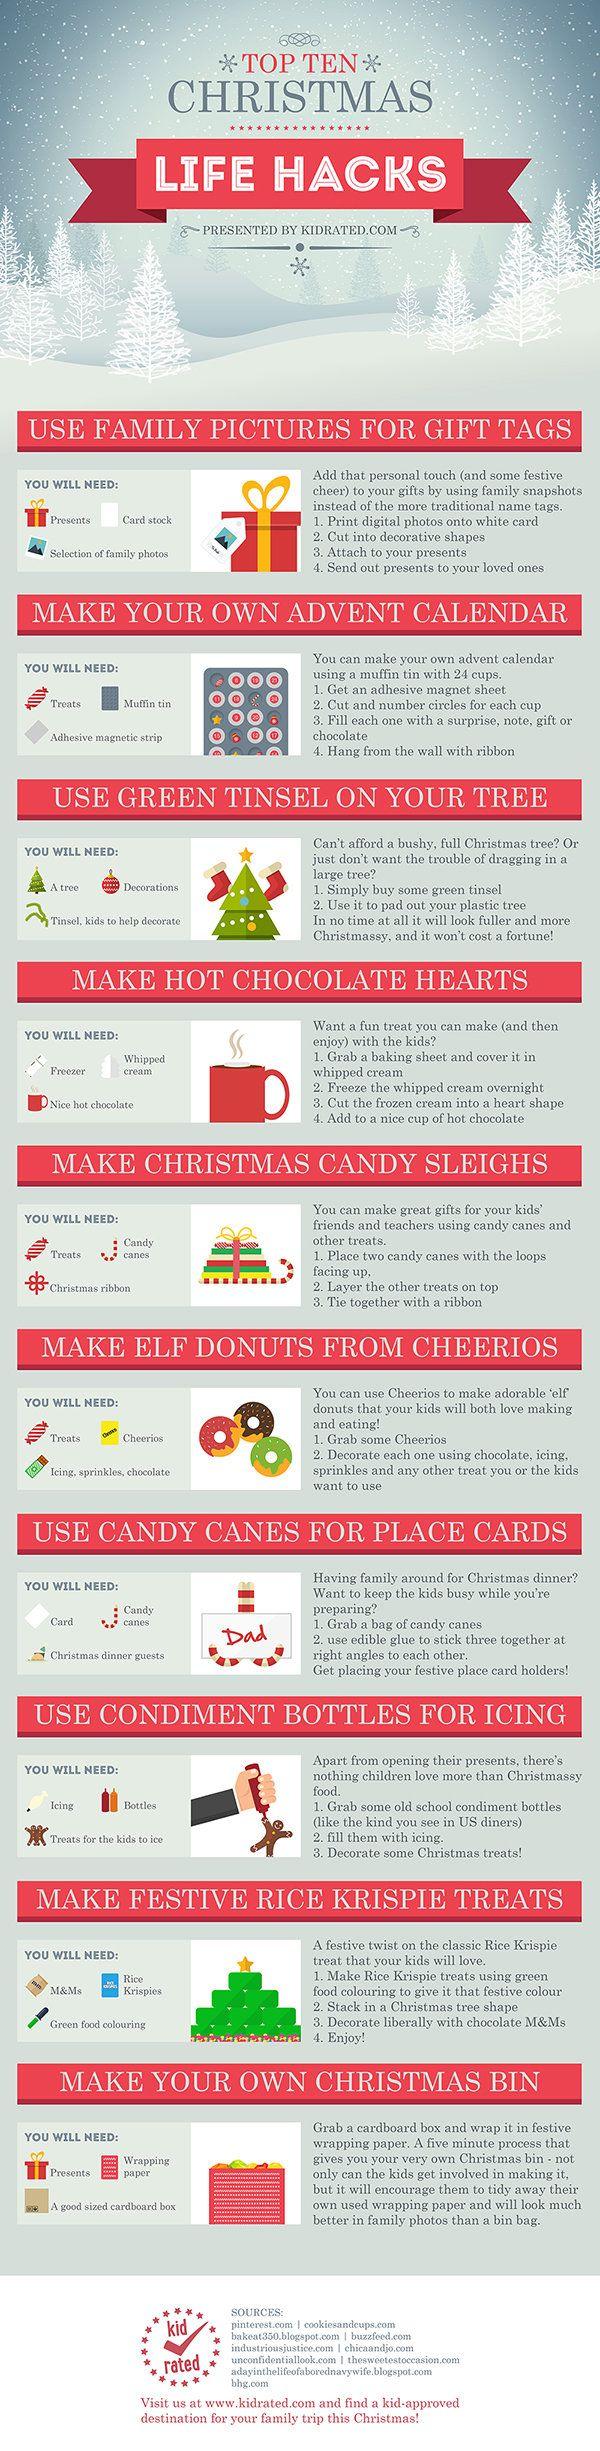 Top 10 Christmas Life Hacks